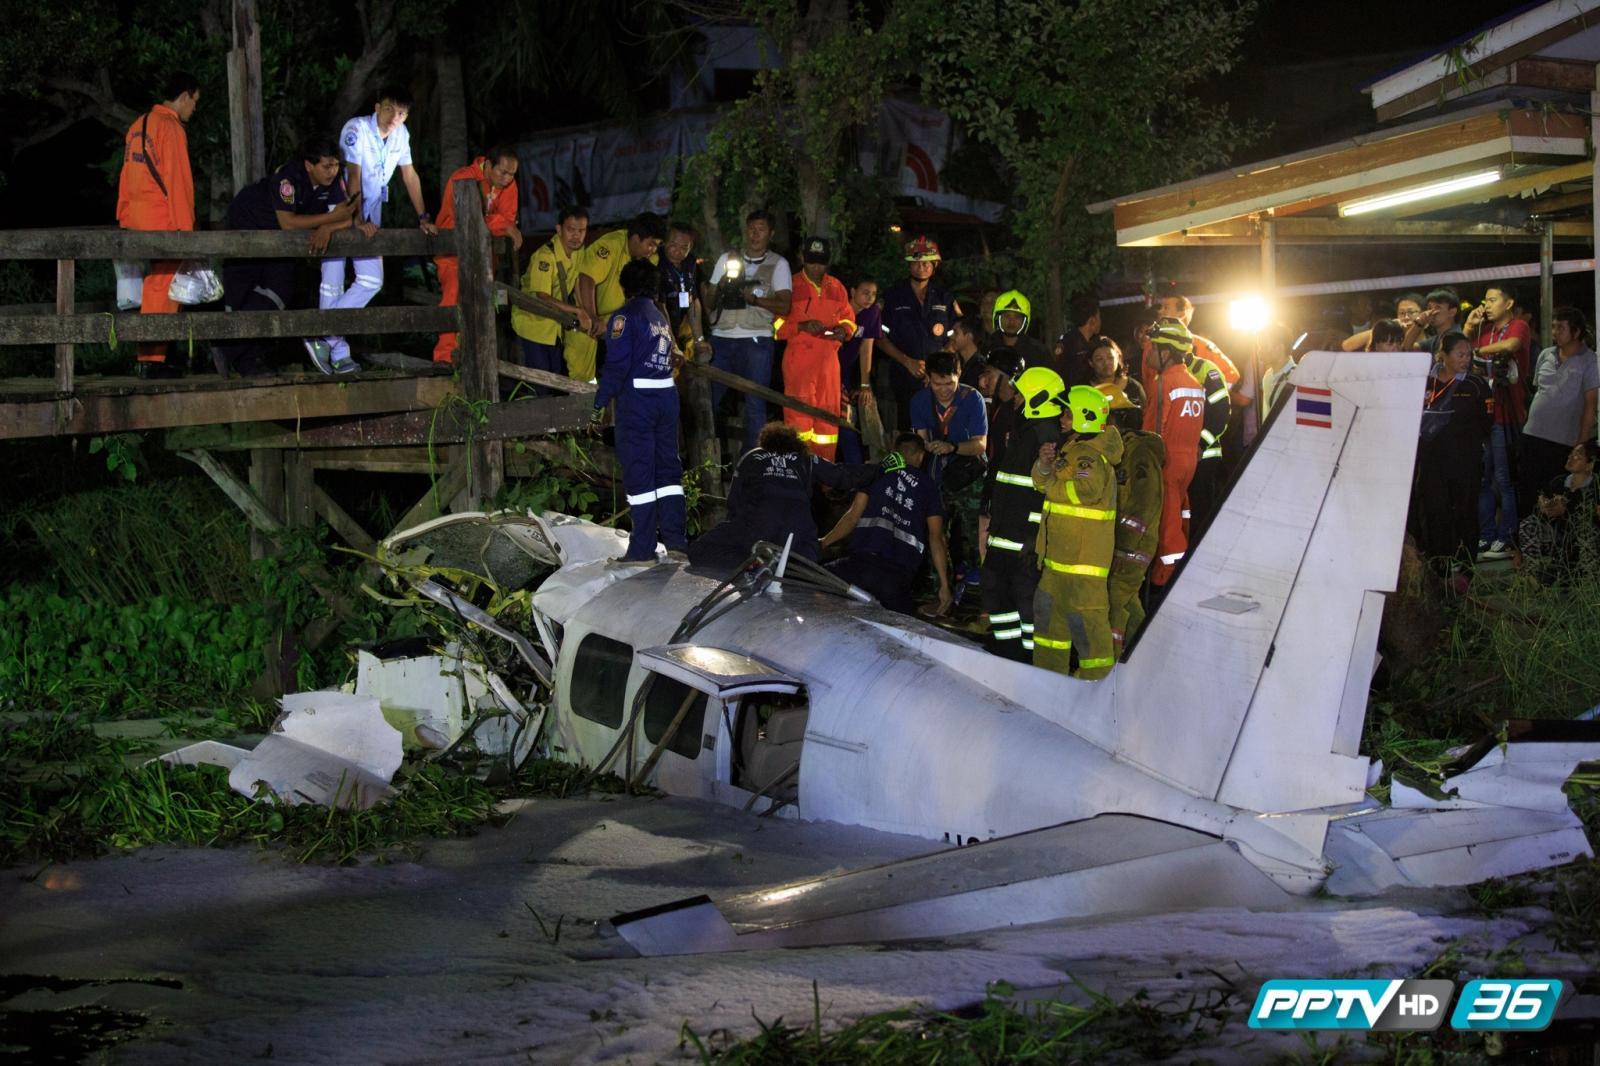 ผู้เชี่ยวชาญเร่งหาสาเหตุเครื่องบินเล็กตก จนท.เผยไม่มีกล่องดำ